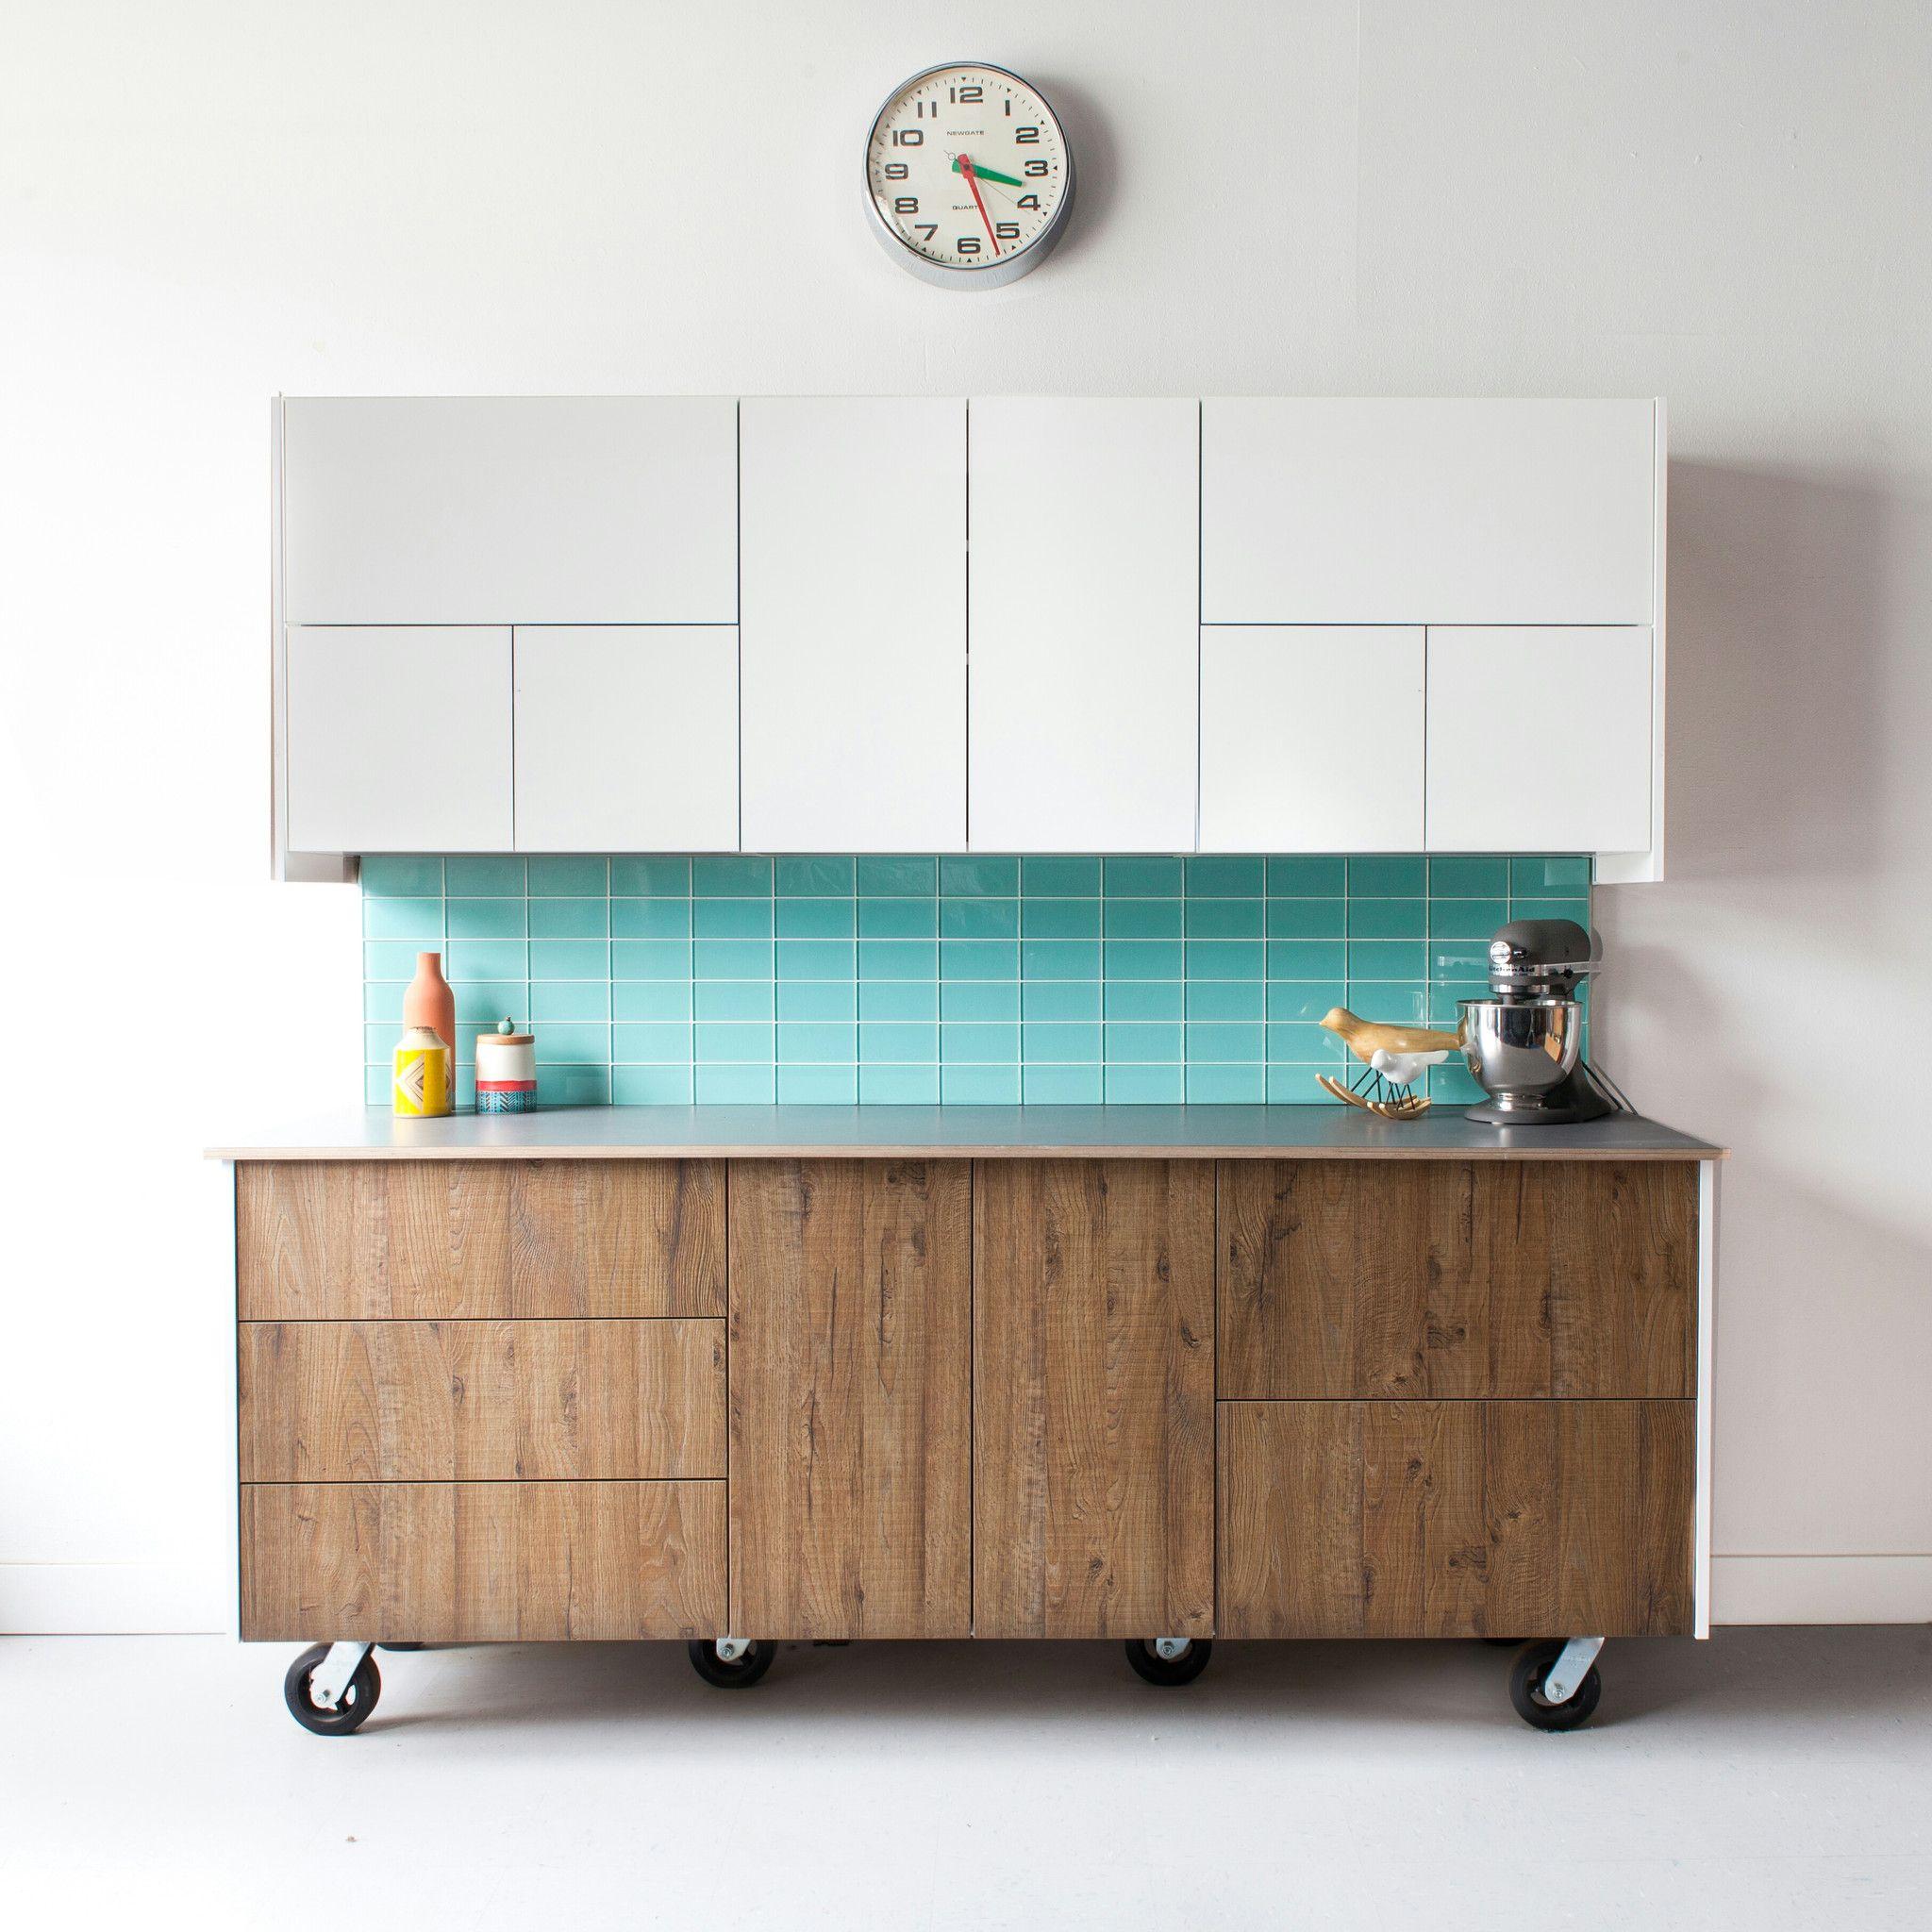 Berühmt Kücheneinheiten Uk Zeitgenössisch - Küchenschrank Ideen ...